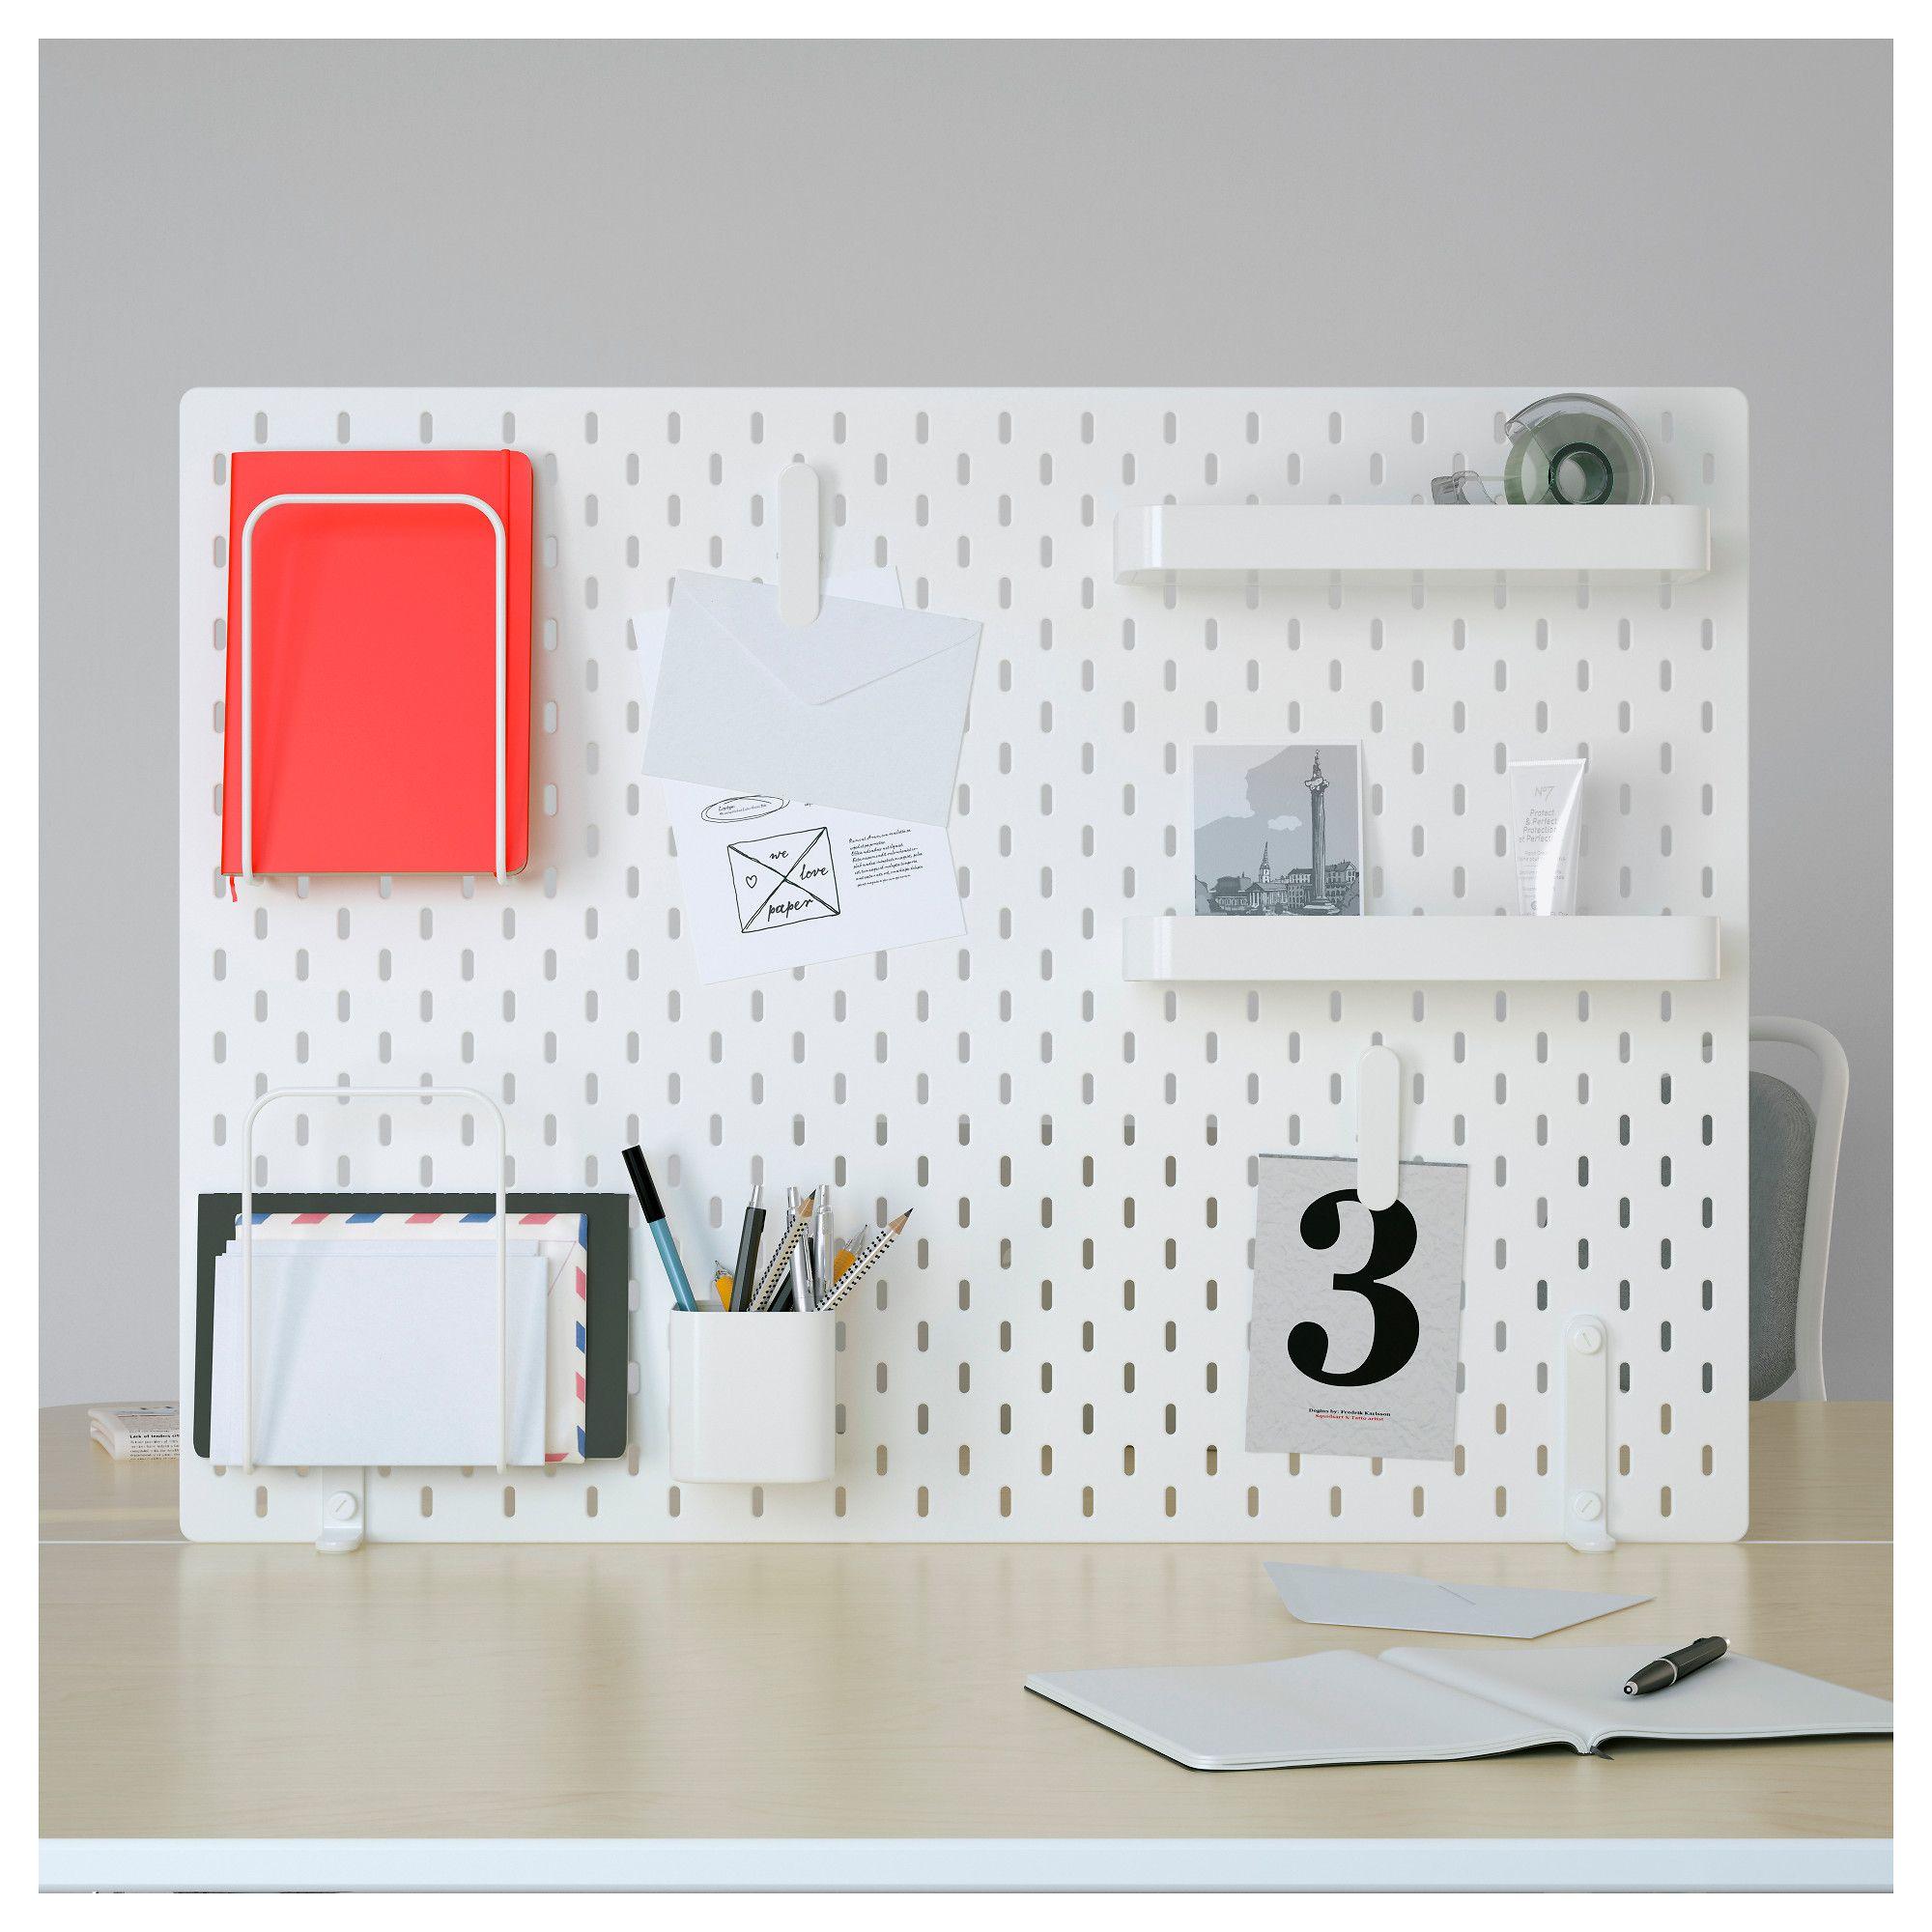 Skadis Tavlekombinasjon Hvit Ikea Ikea Pegboard Ikea Peg Board